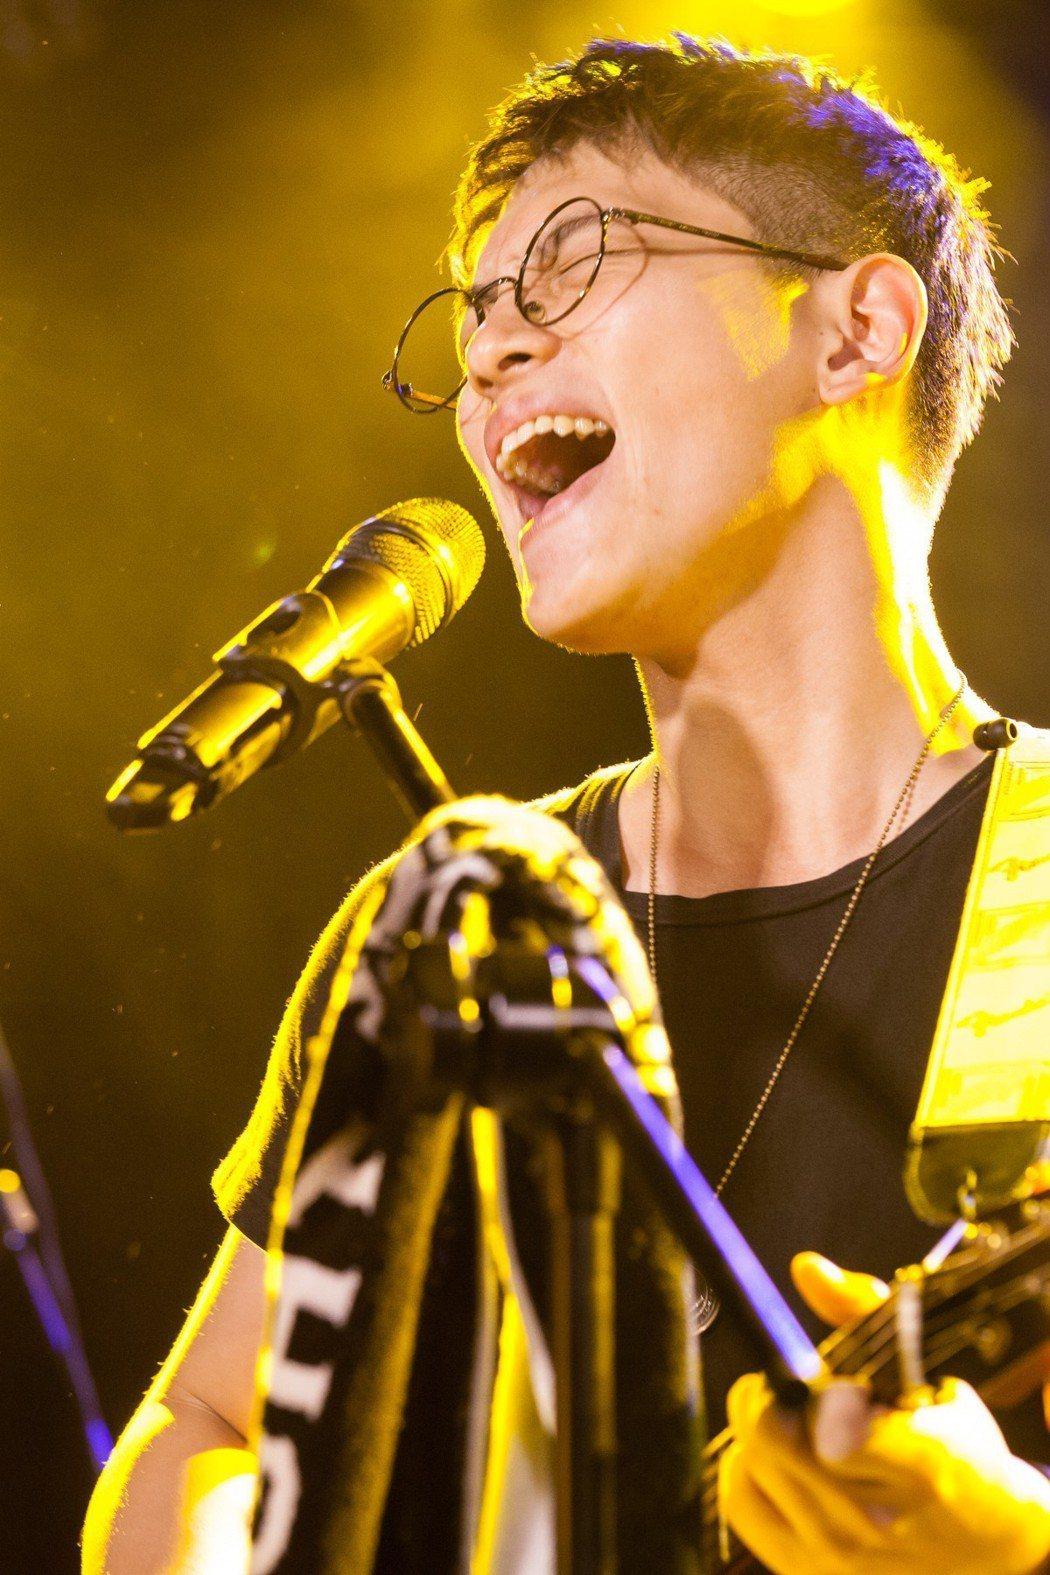 邱振哲預計12月在台北舉辦演唱會。圖/杰思國際娛樂提供